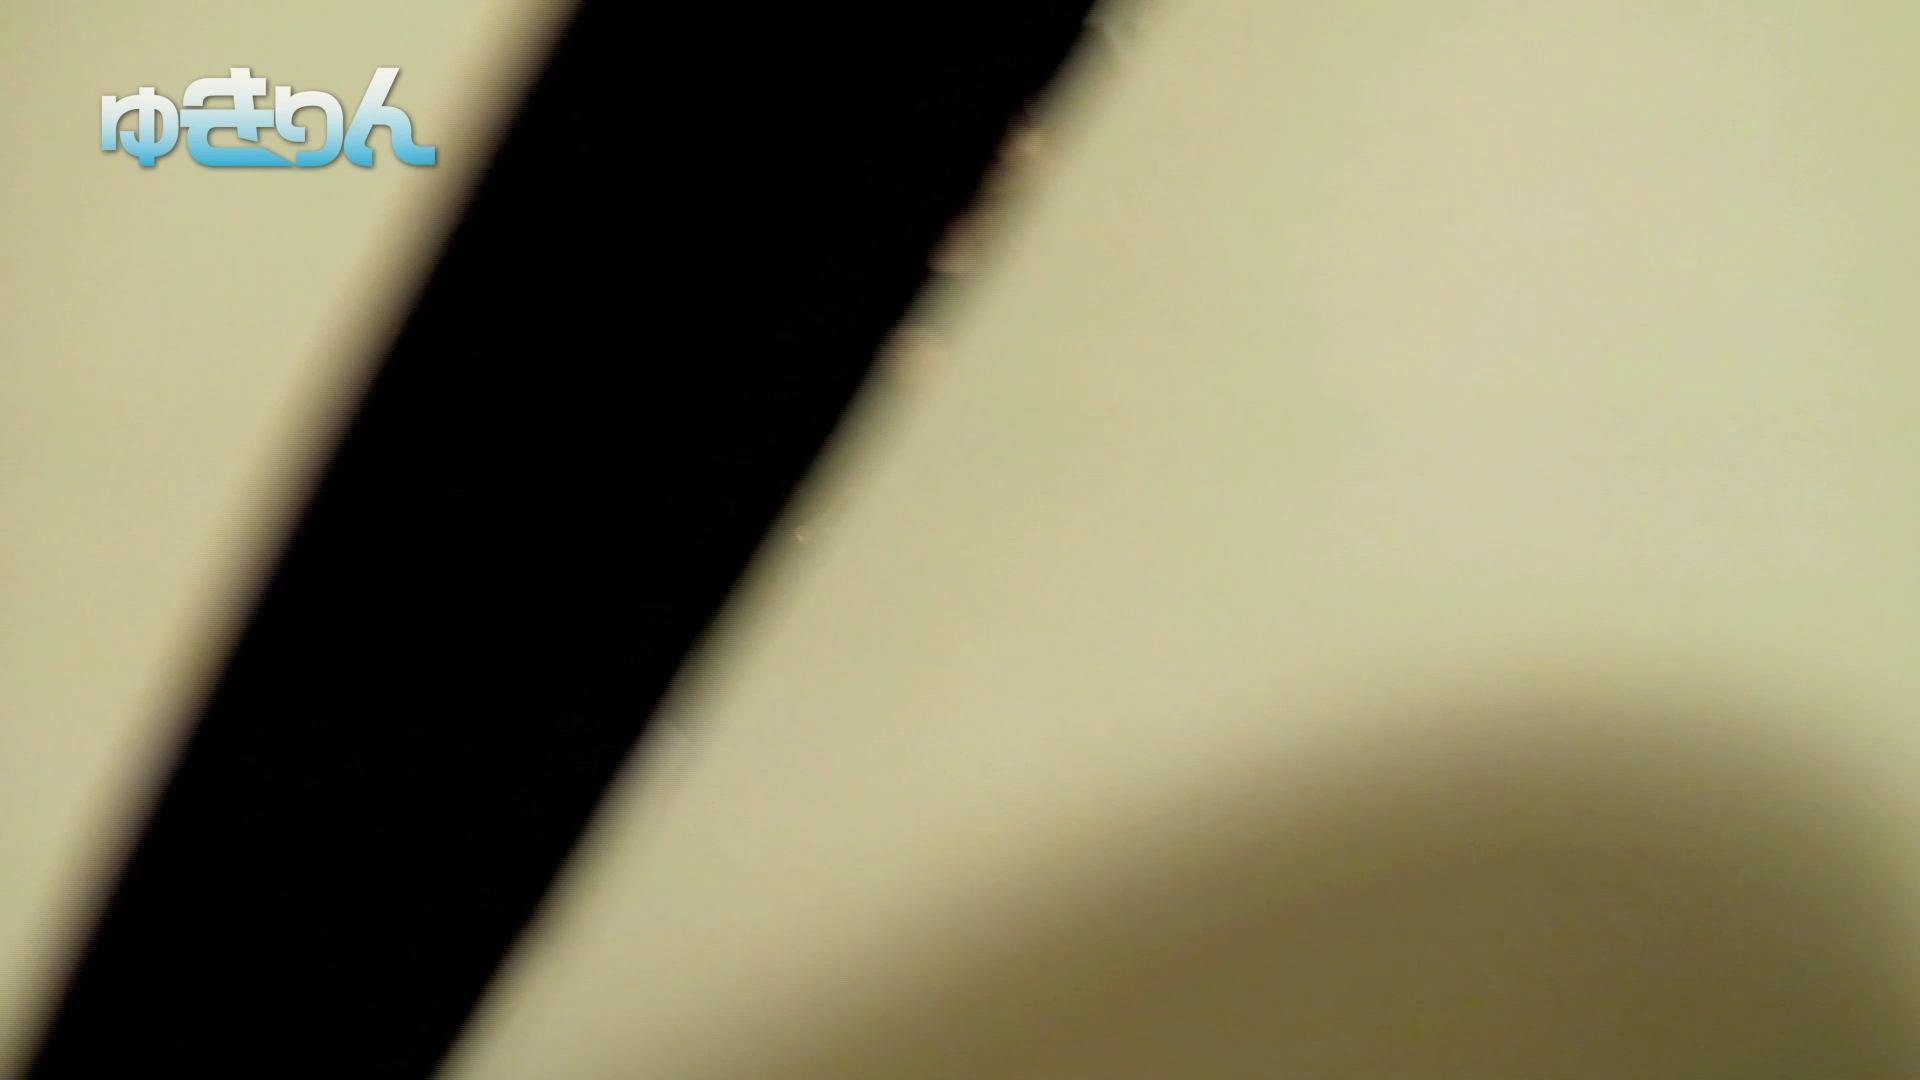 新世界の射窓 No79 ハイっ!きましたトップモデル登場実は名女優 お姉さんのSEX ヌード画像 108枚 99